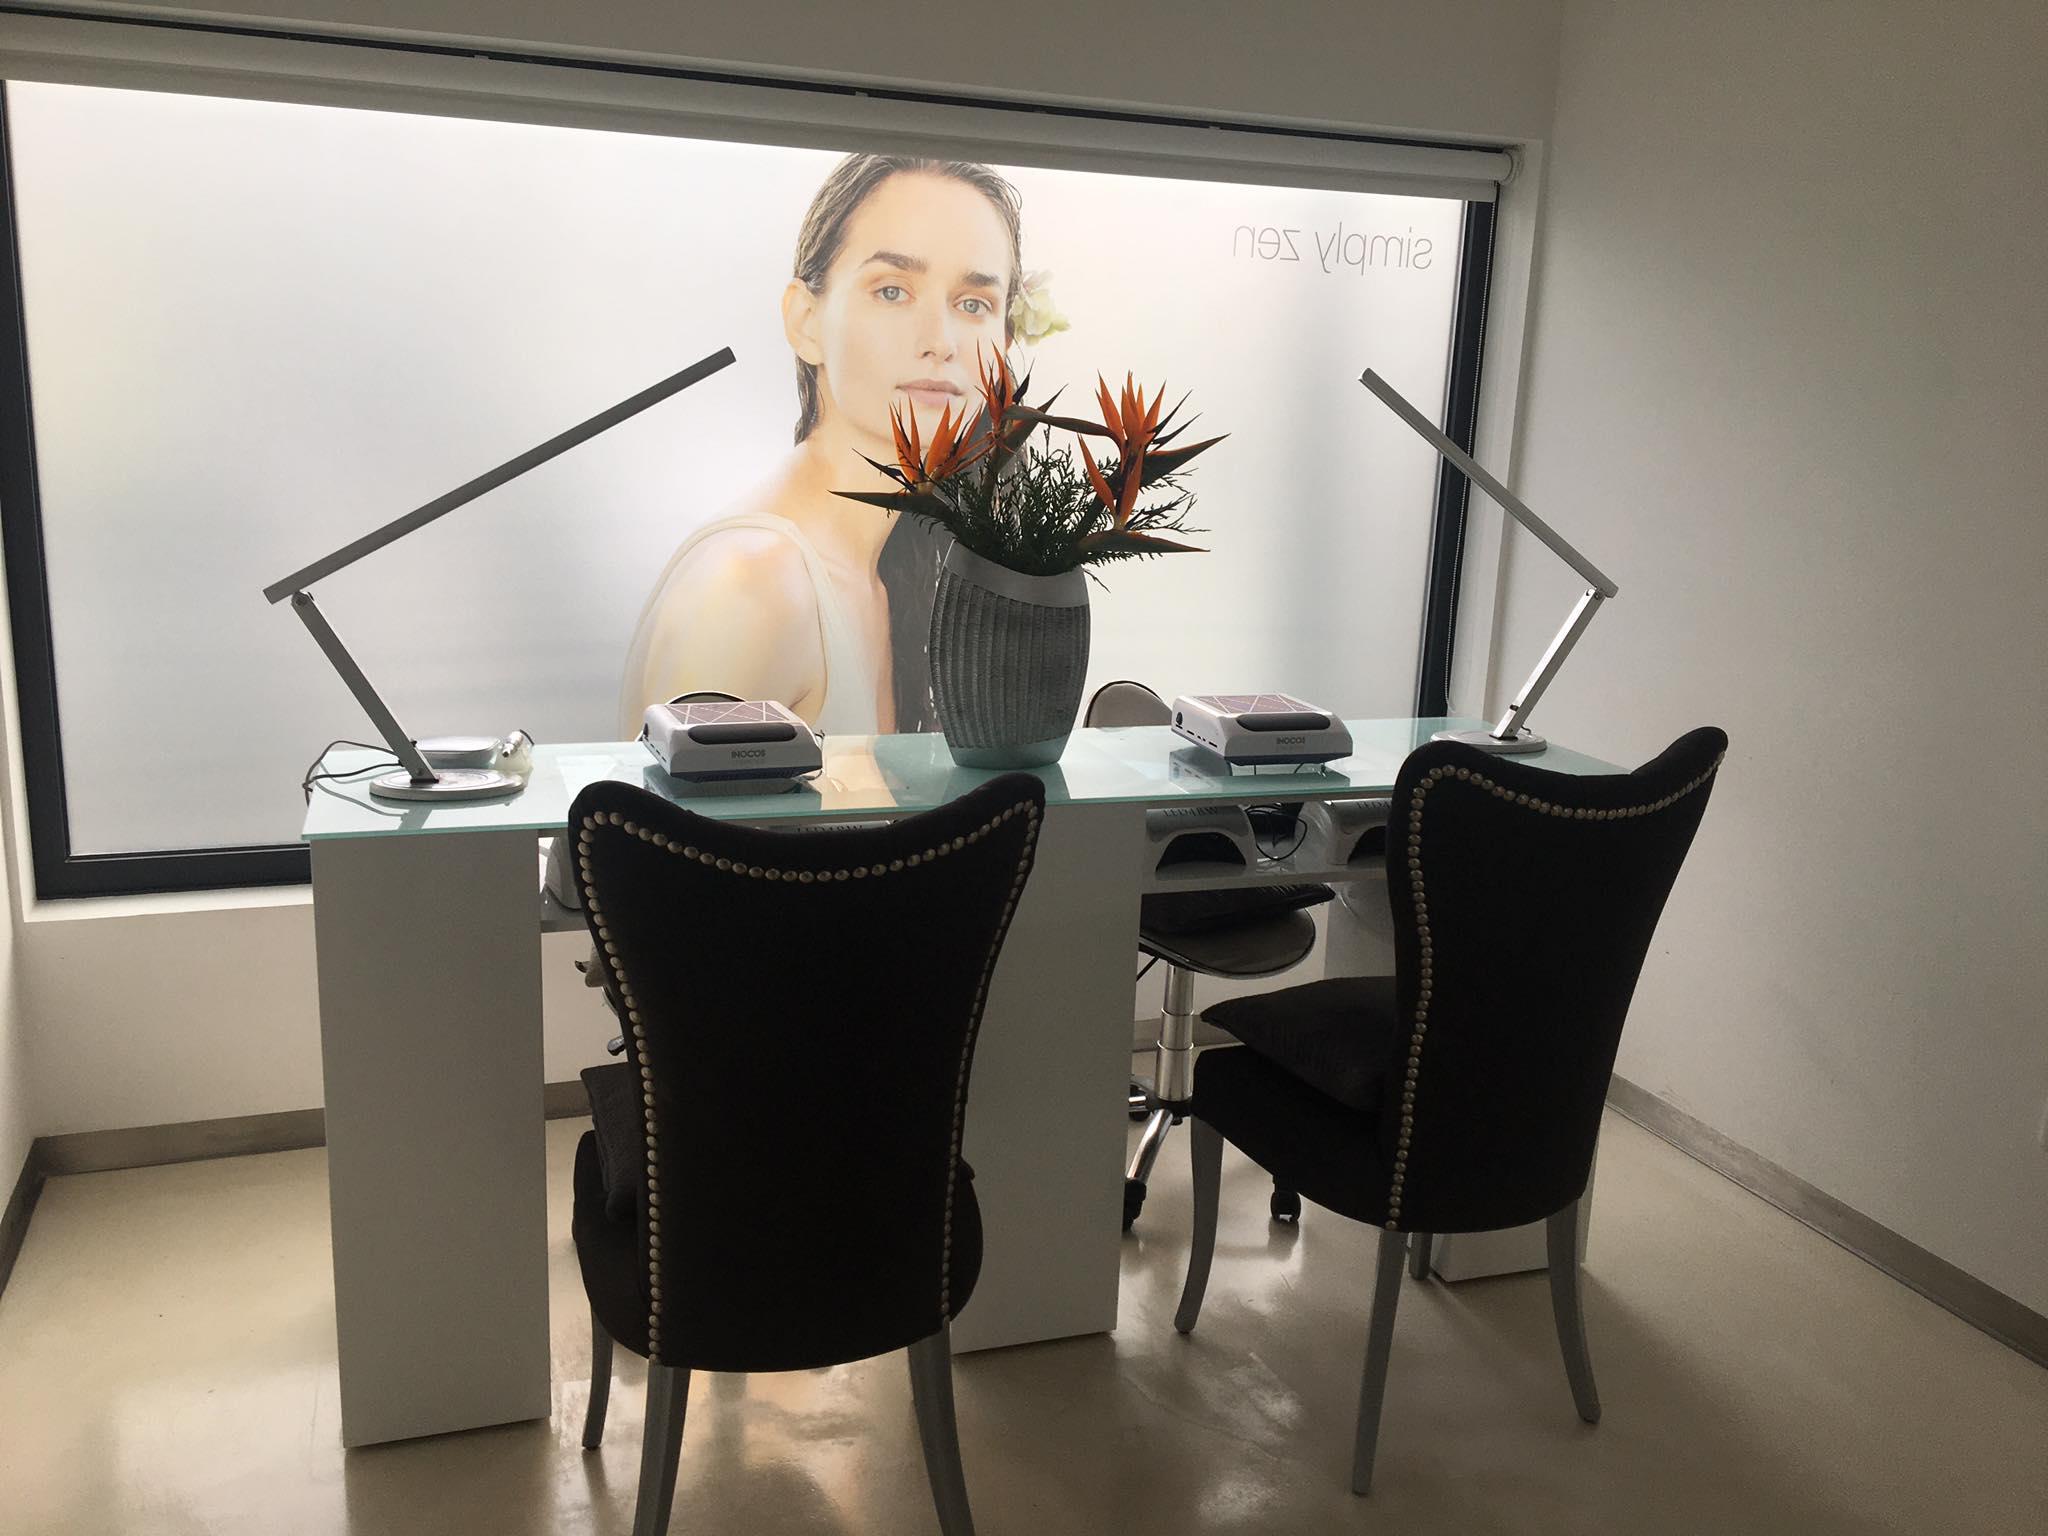 Instituto de Beleza Carla Devesa – Cabeleireiro & Estética